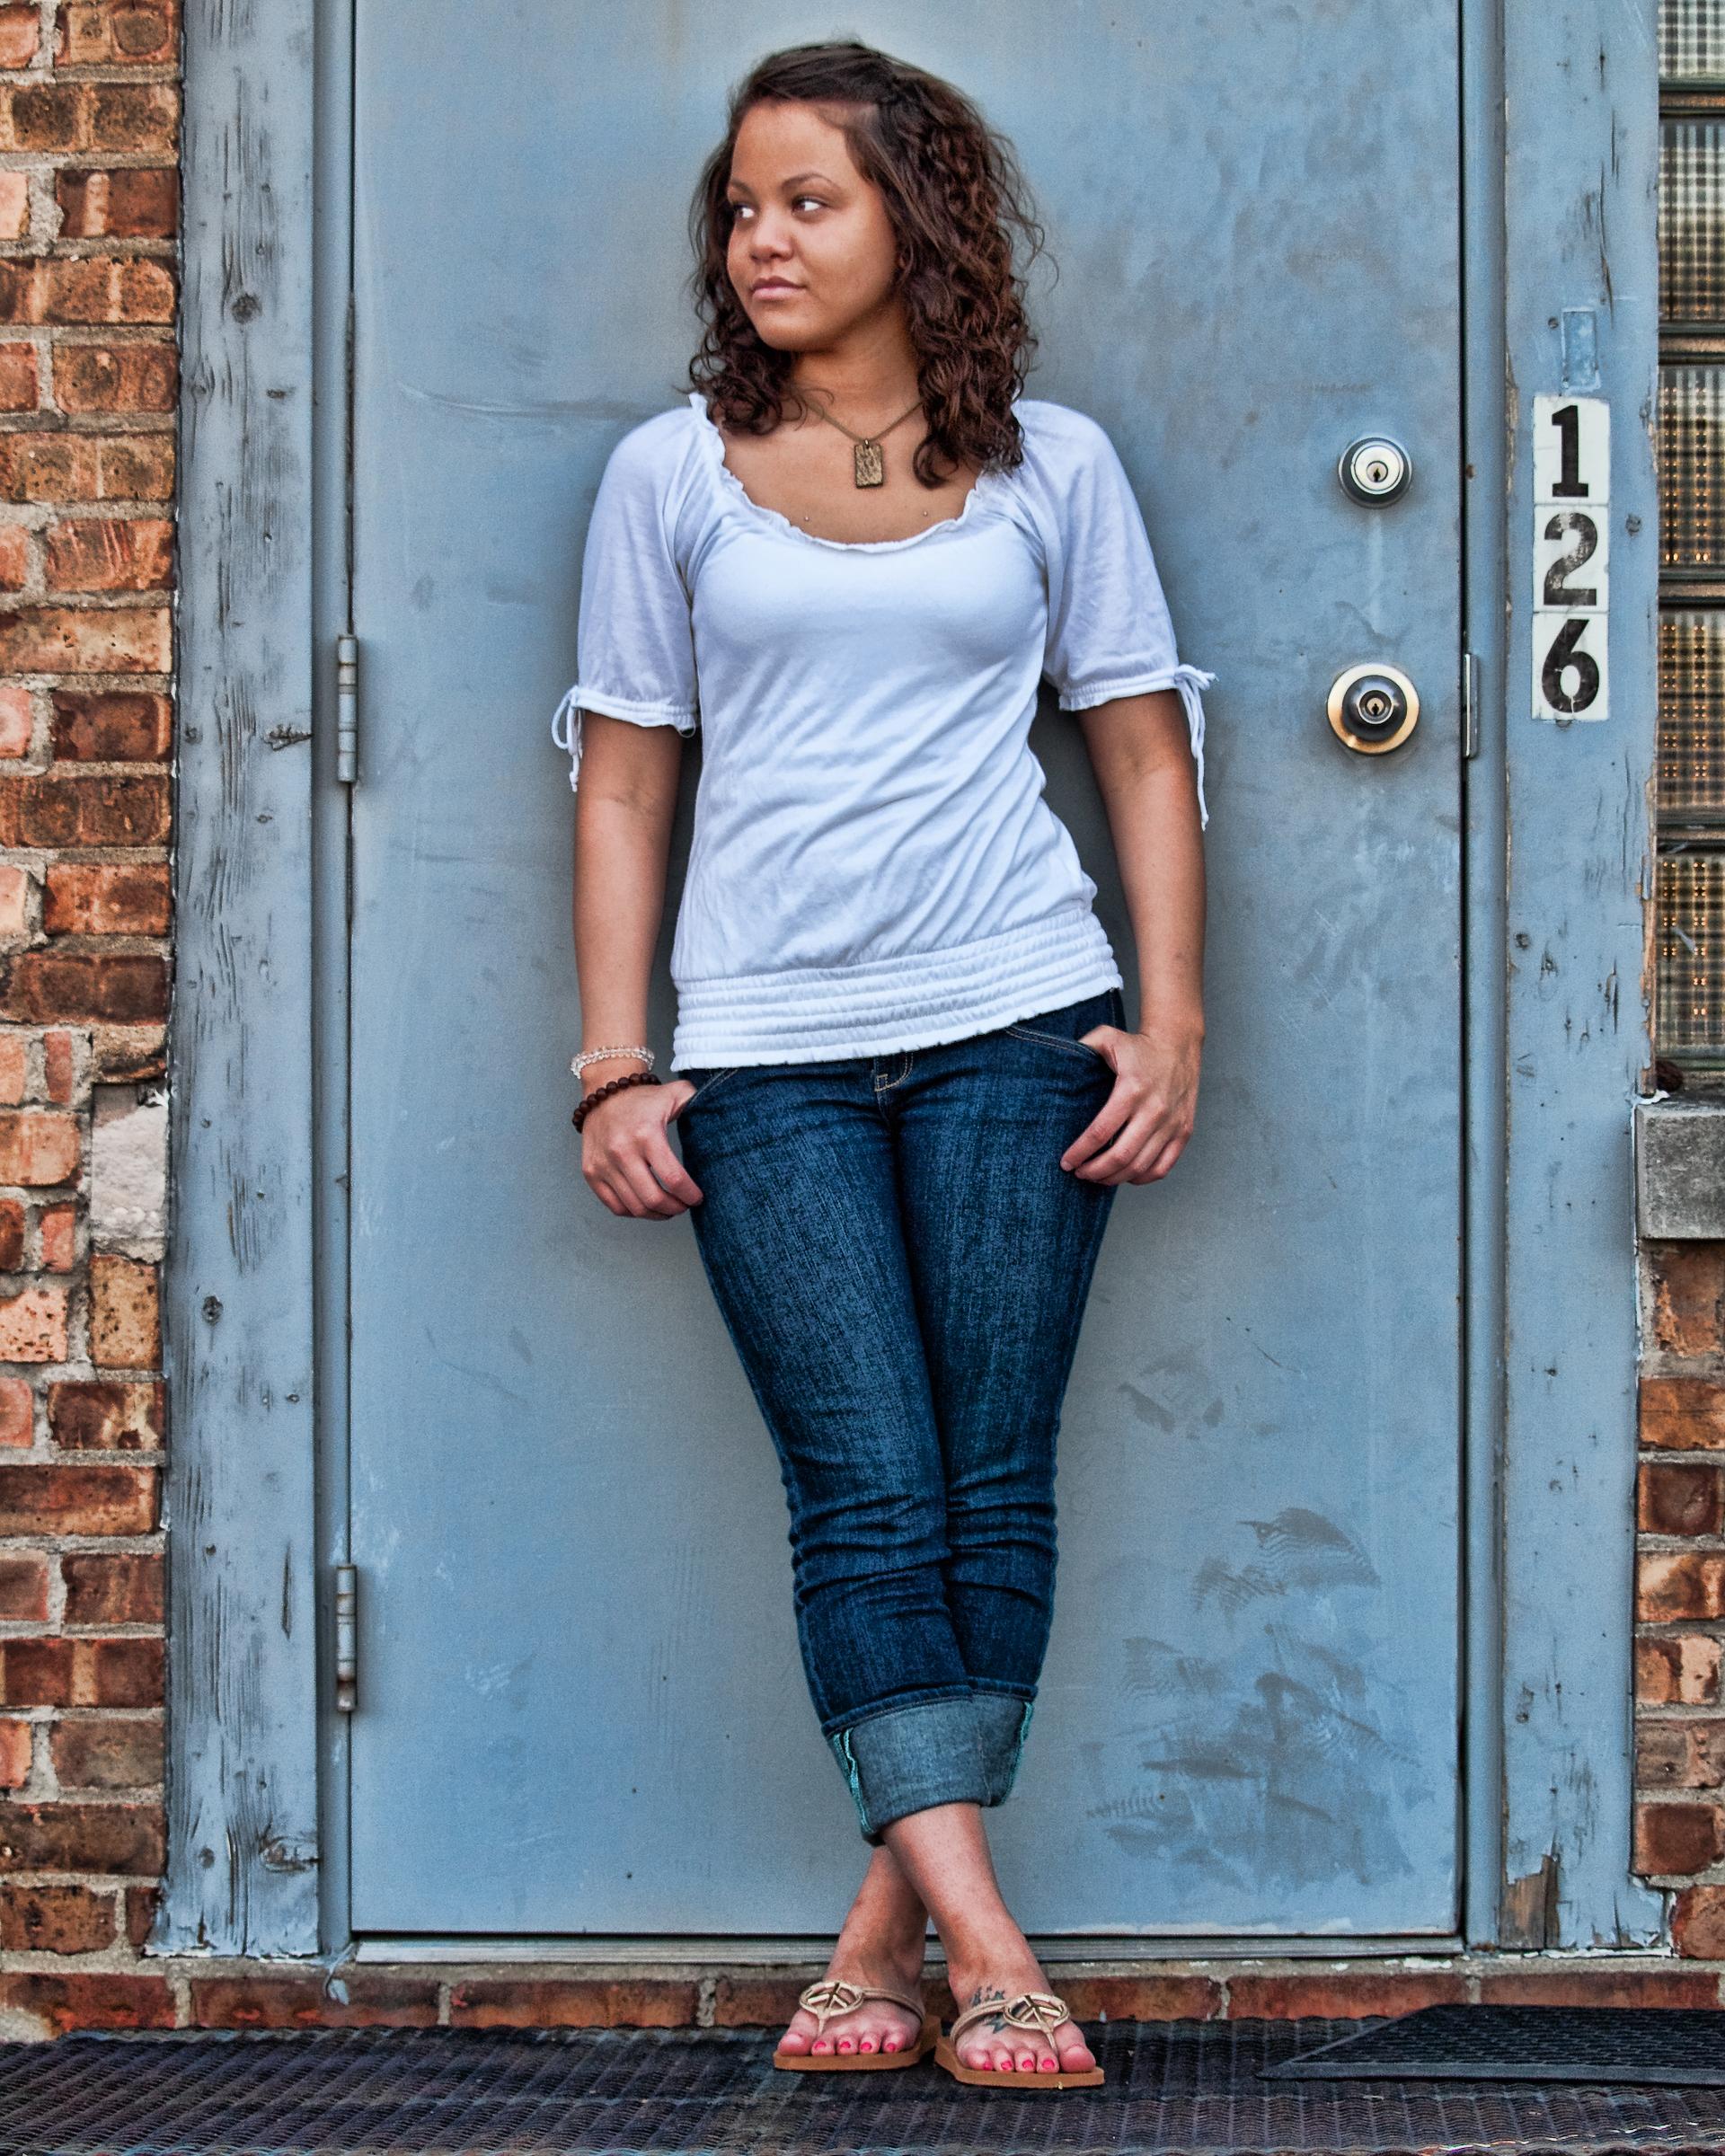 senior-picture-blue-door